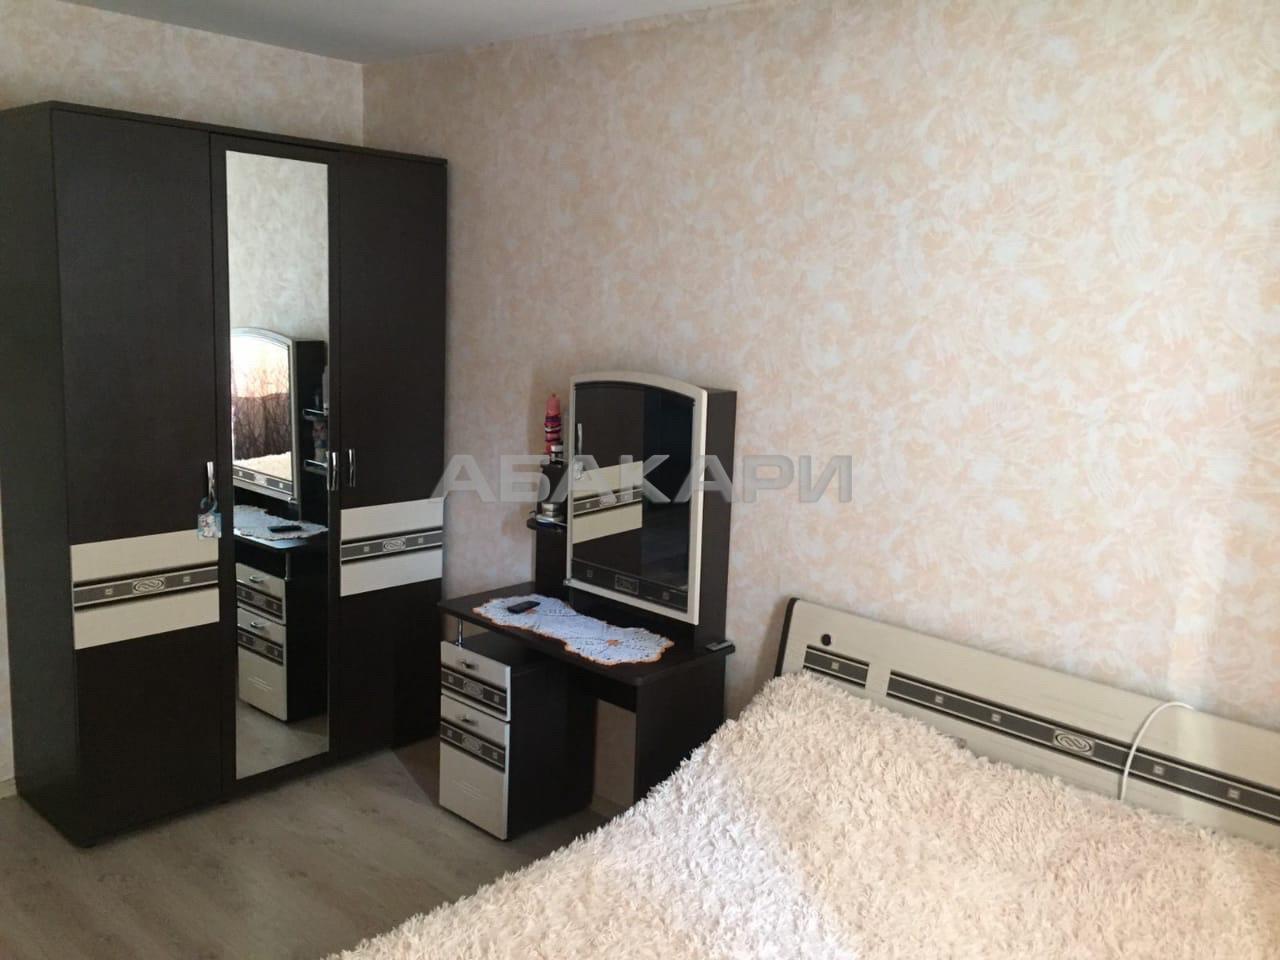 2к квартира улица 9 Мая, 49 4/10 - 70кв | 27000 | аренда в Красноярске фото 1